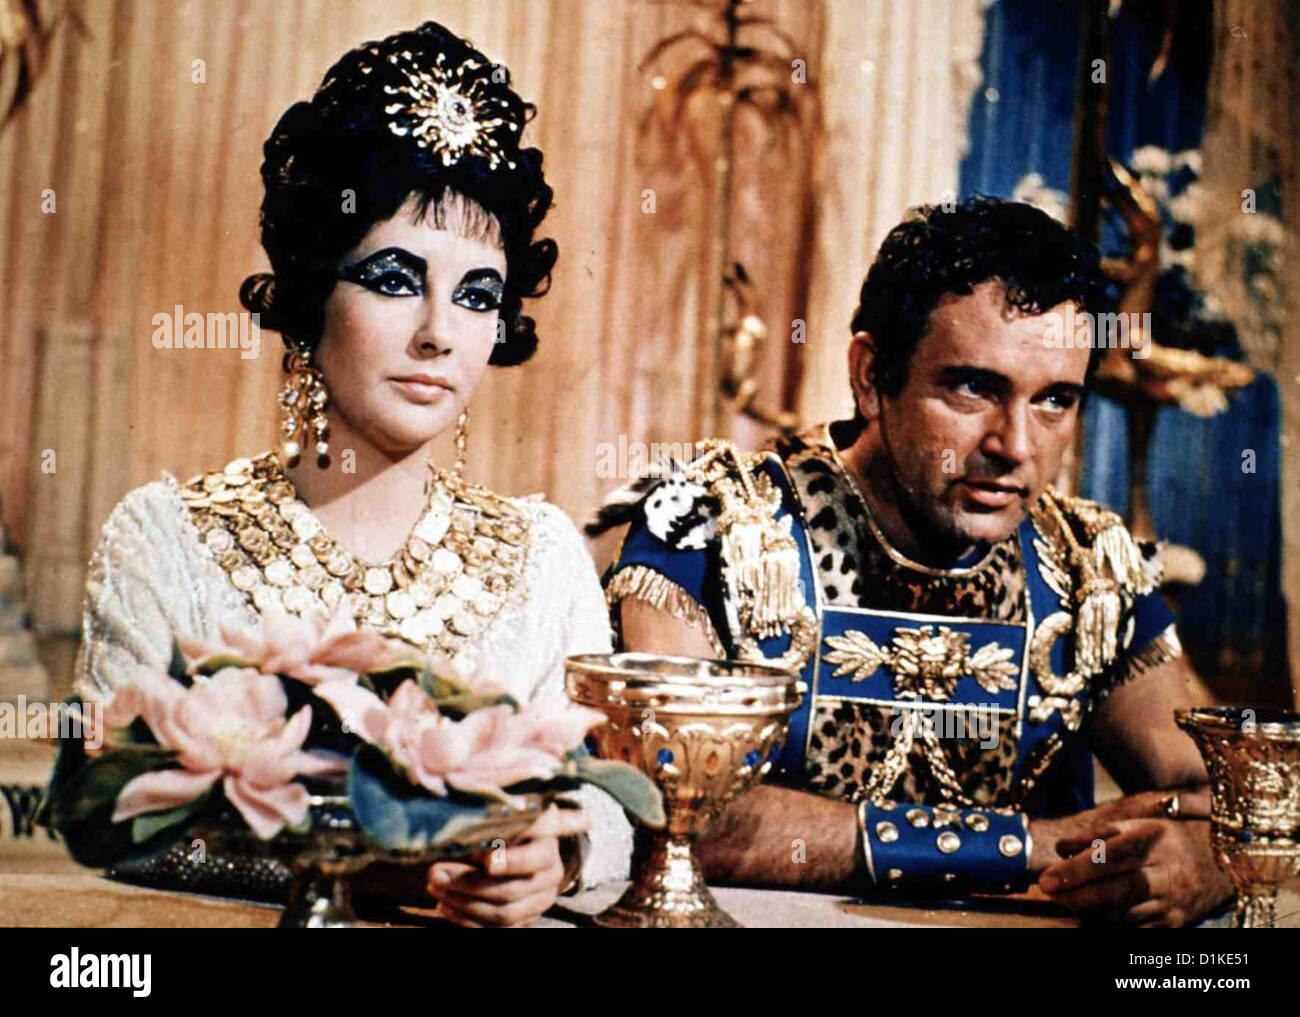 Cleopatra Mark Stock Photos & Cleopatra Mark Stock Images ... Richard Burton Cleopatra